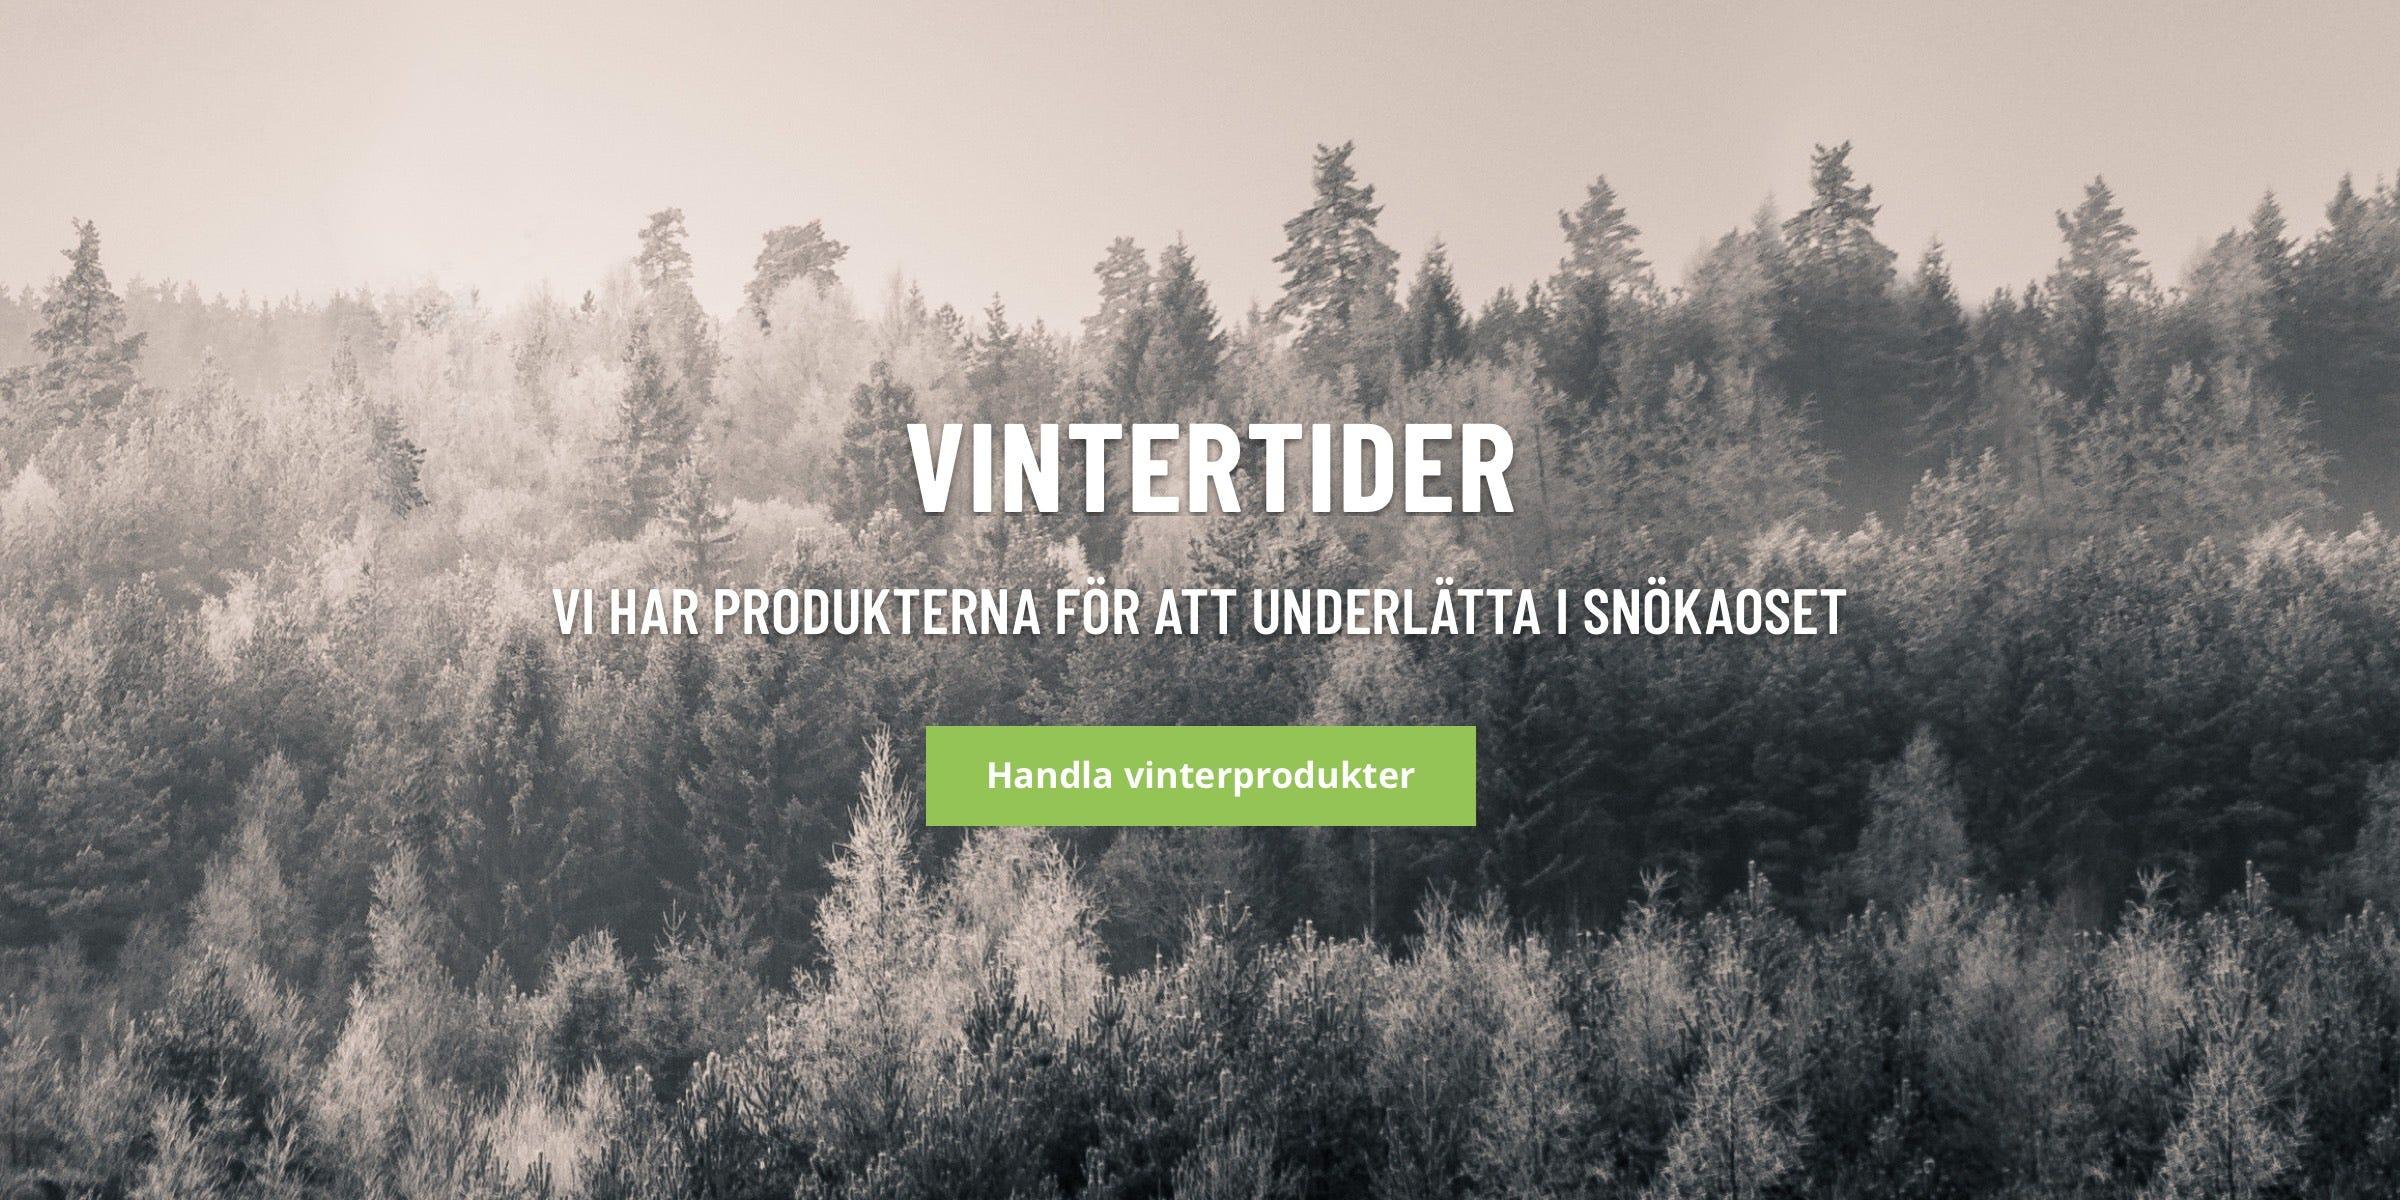 Handla vinterprodukter